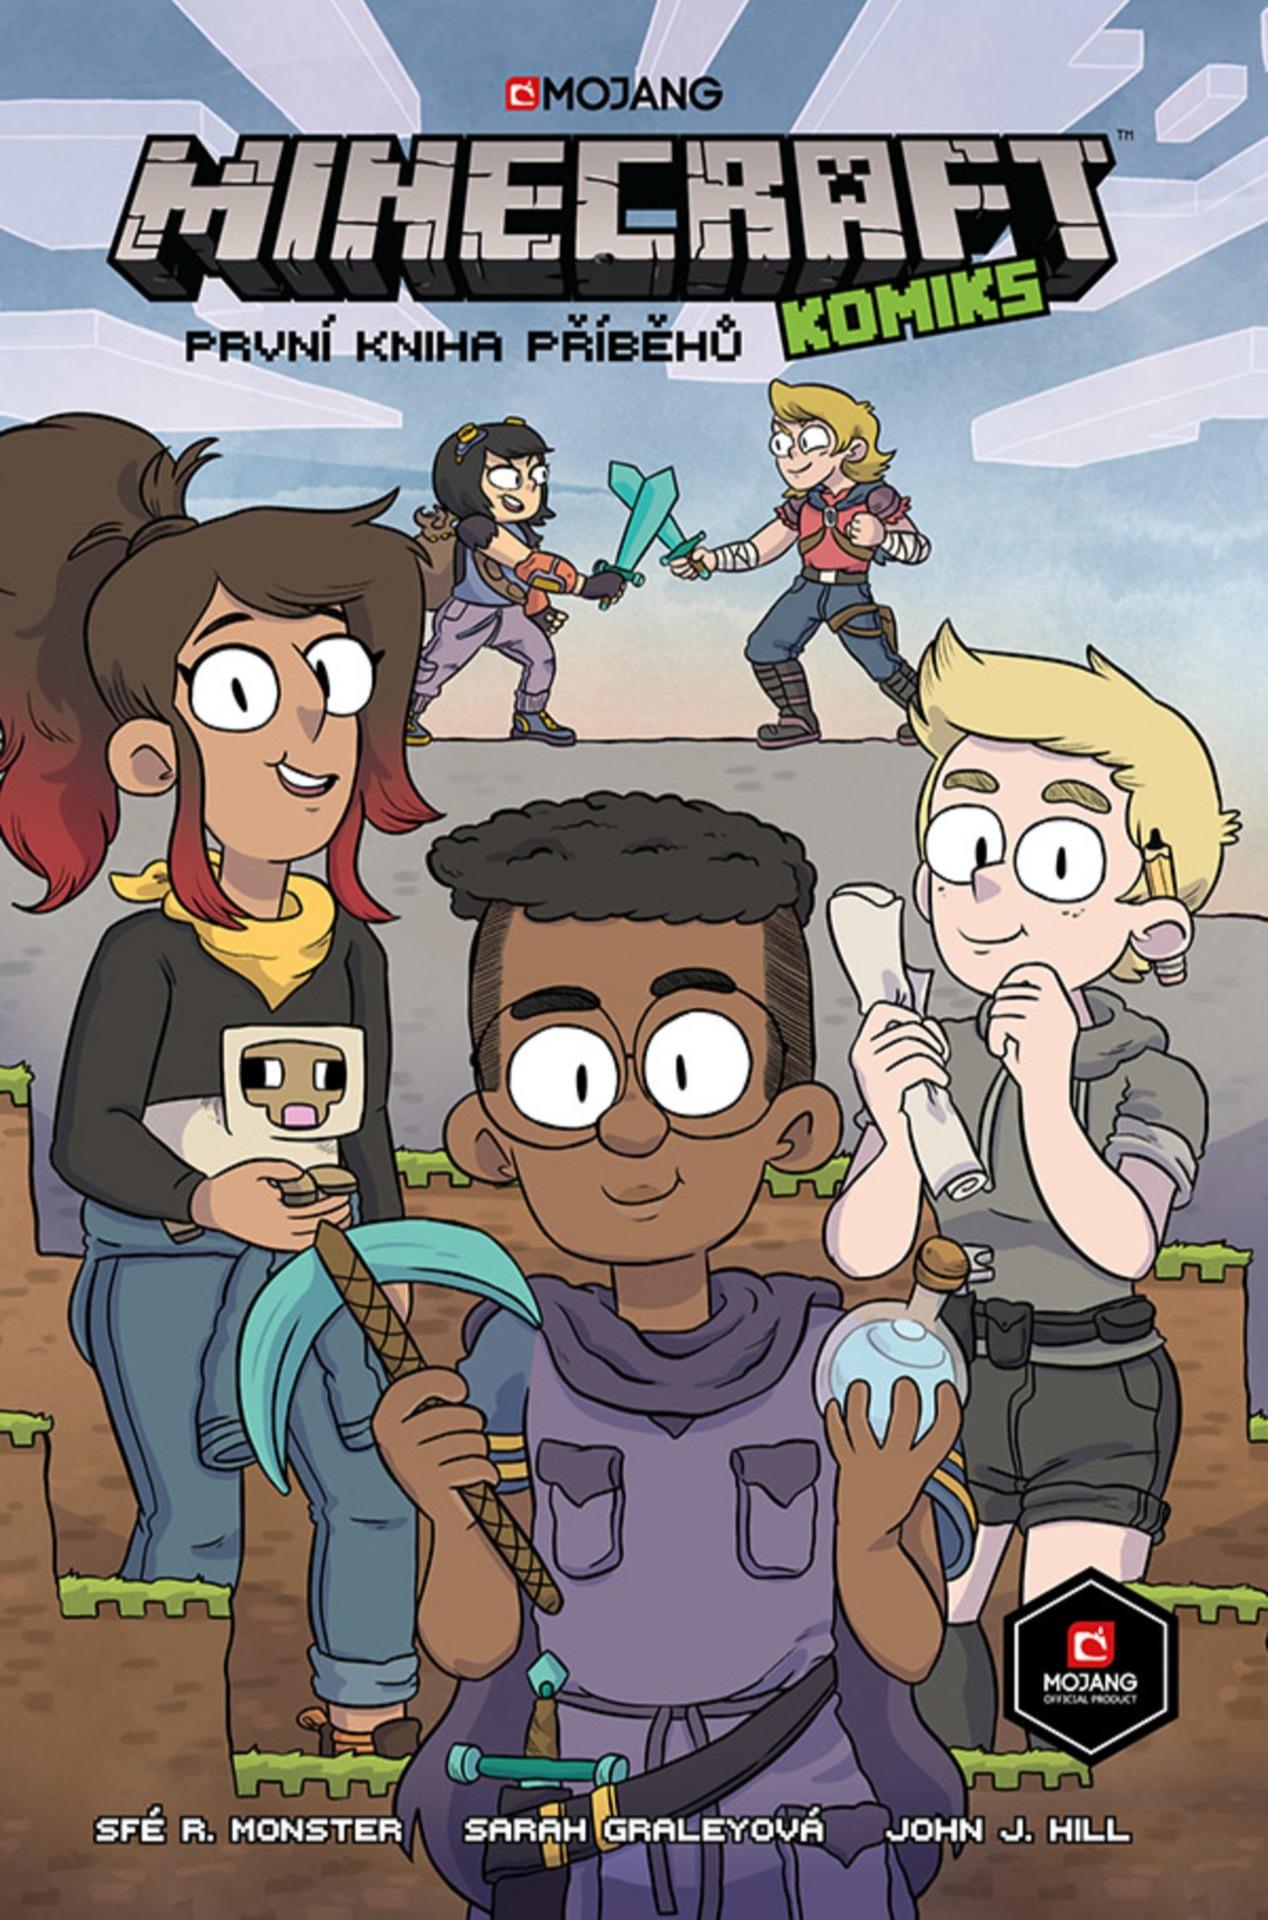 Komiks Minecraft: První kniha příběhů (PC)